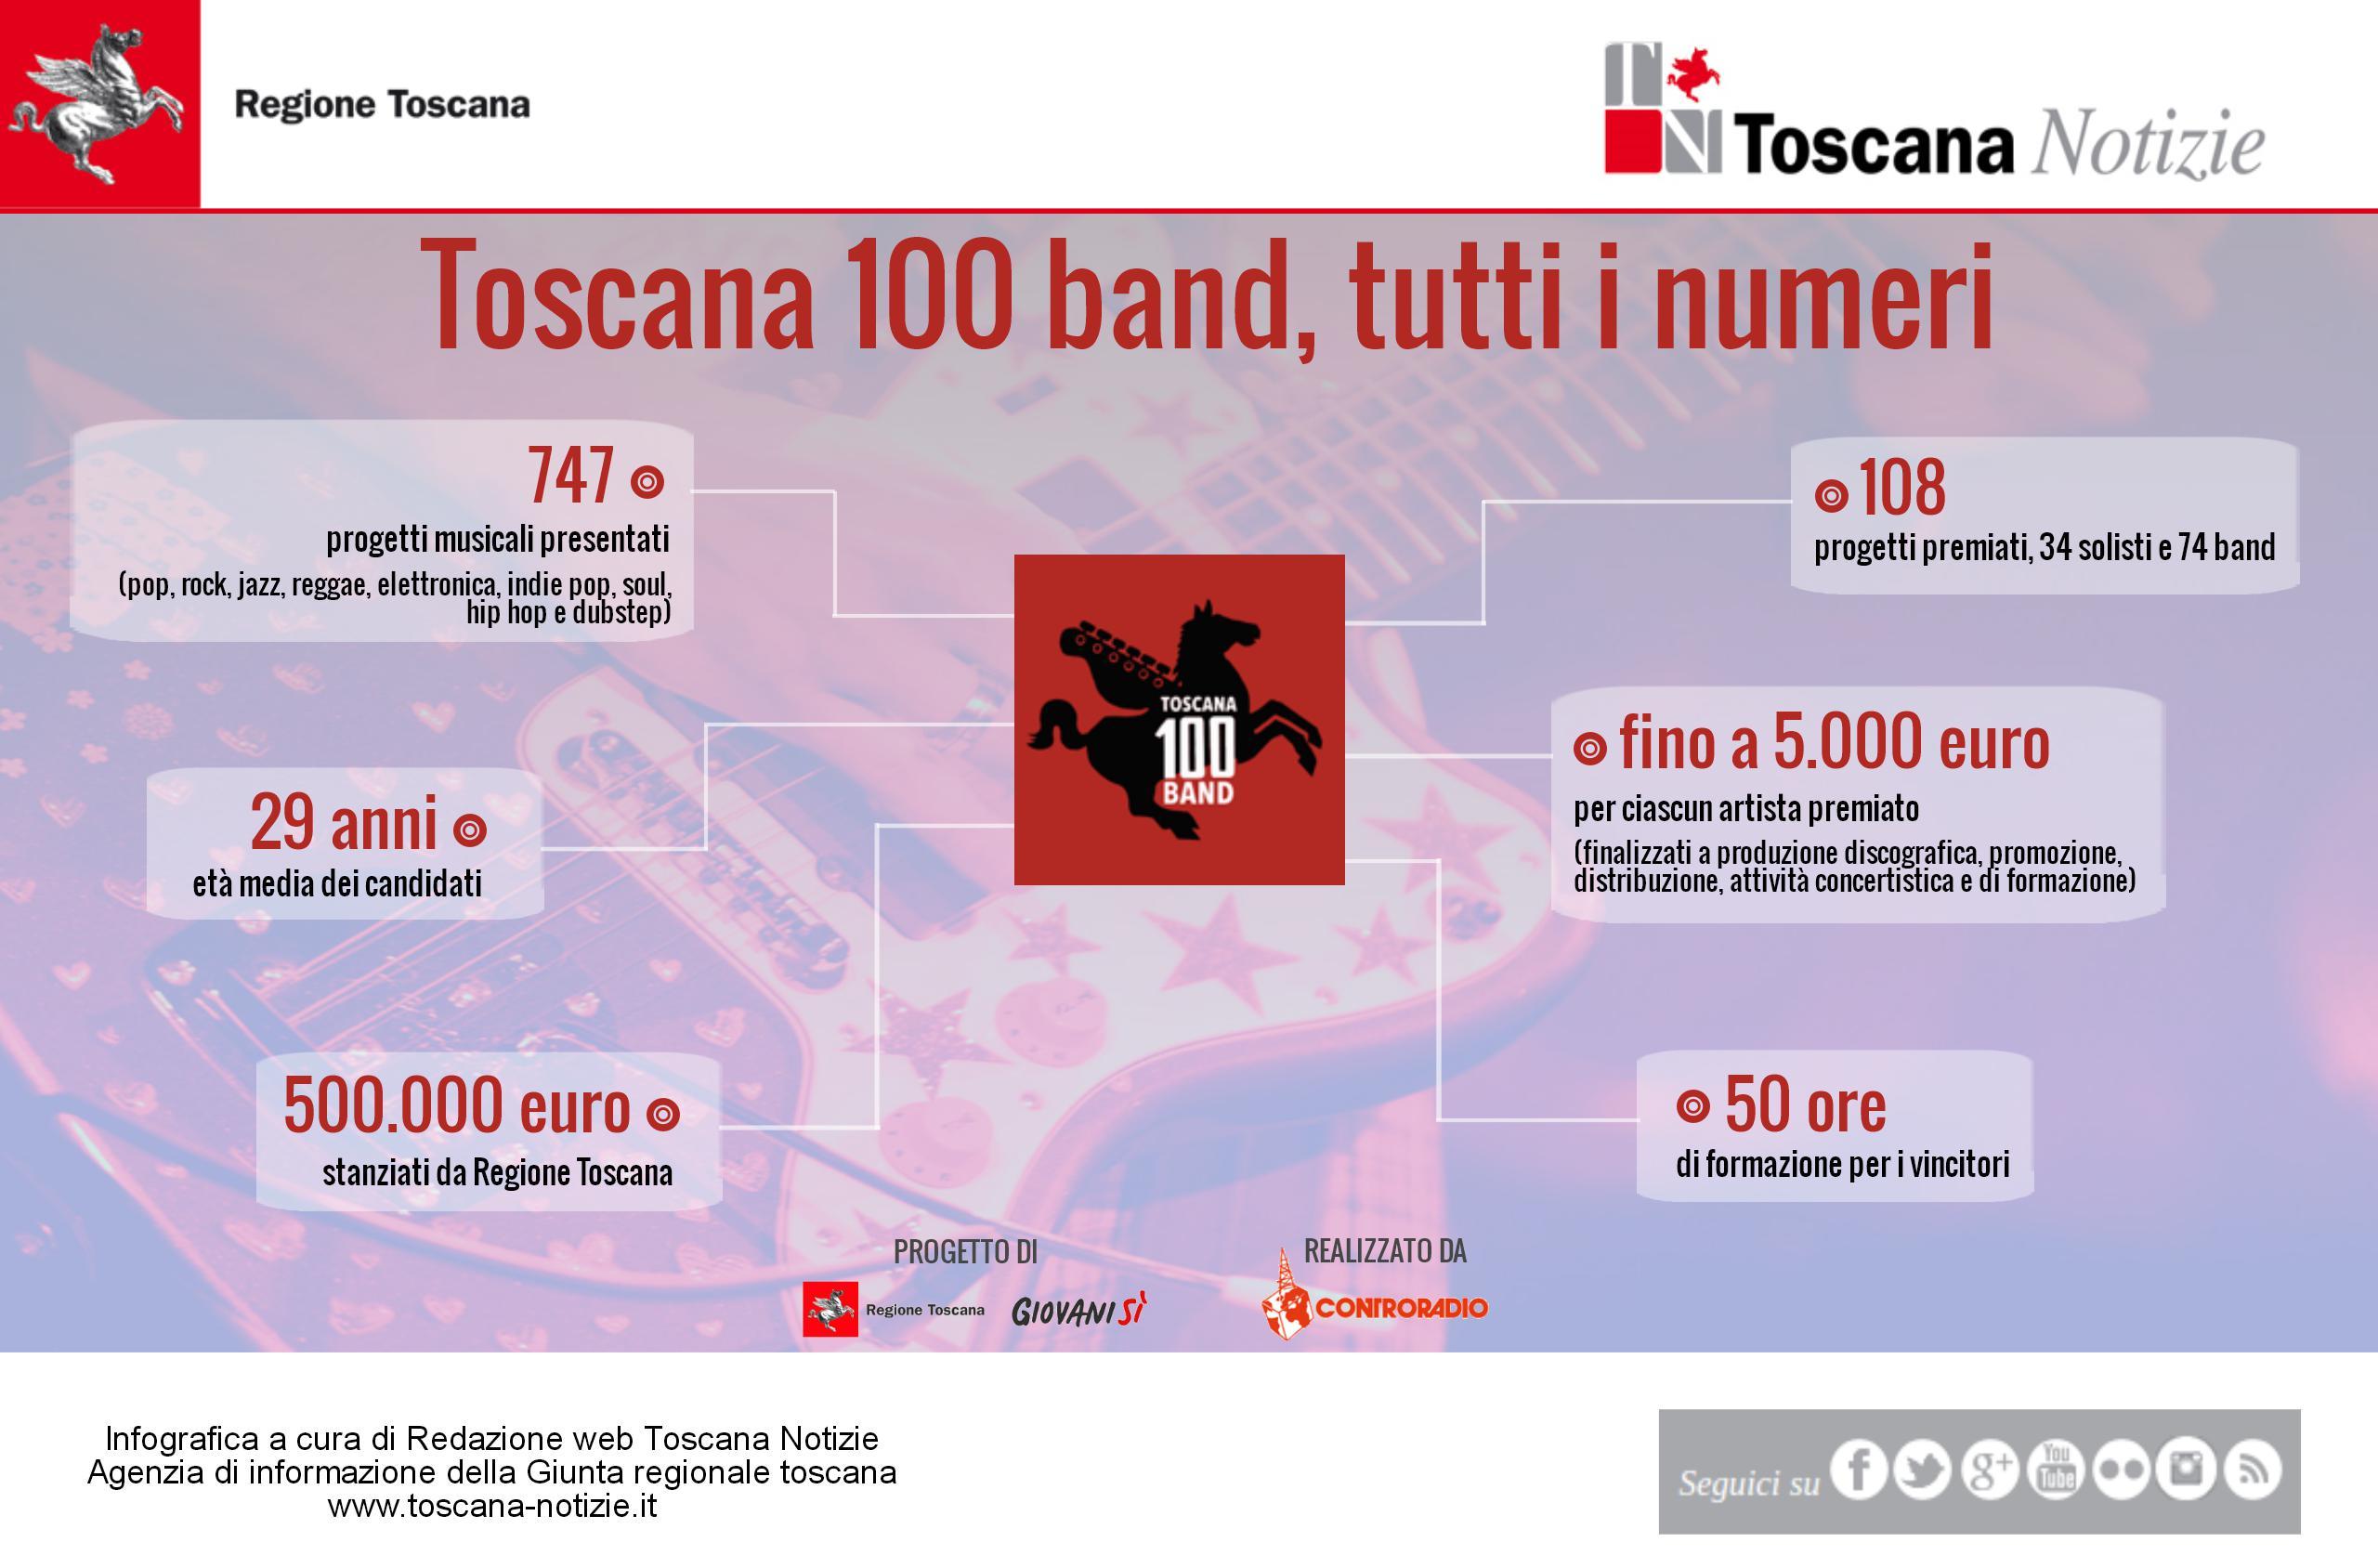 &#8216;Toscana 100 band': la graduatoria dei 108 premiati <div class='giovanisi-subtitle'>Successo di partecipazione con 747 domande inviate tra band e solisti </div>